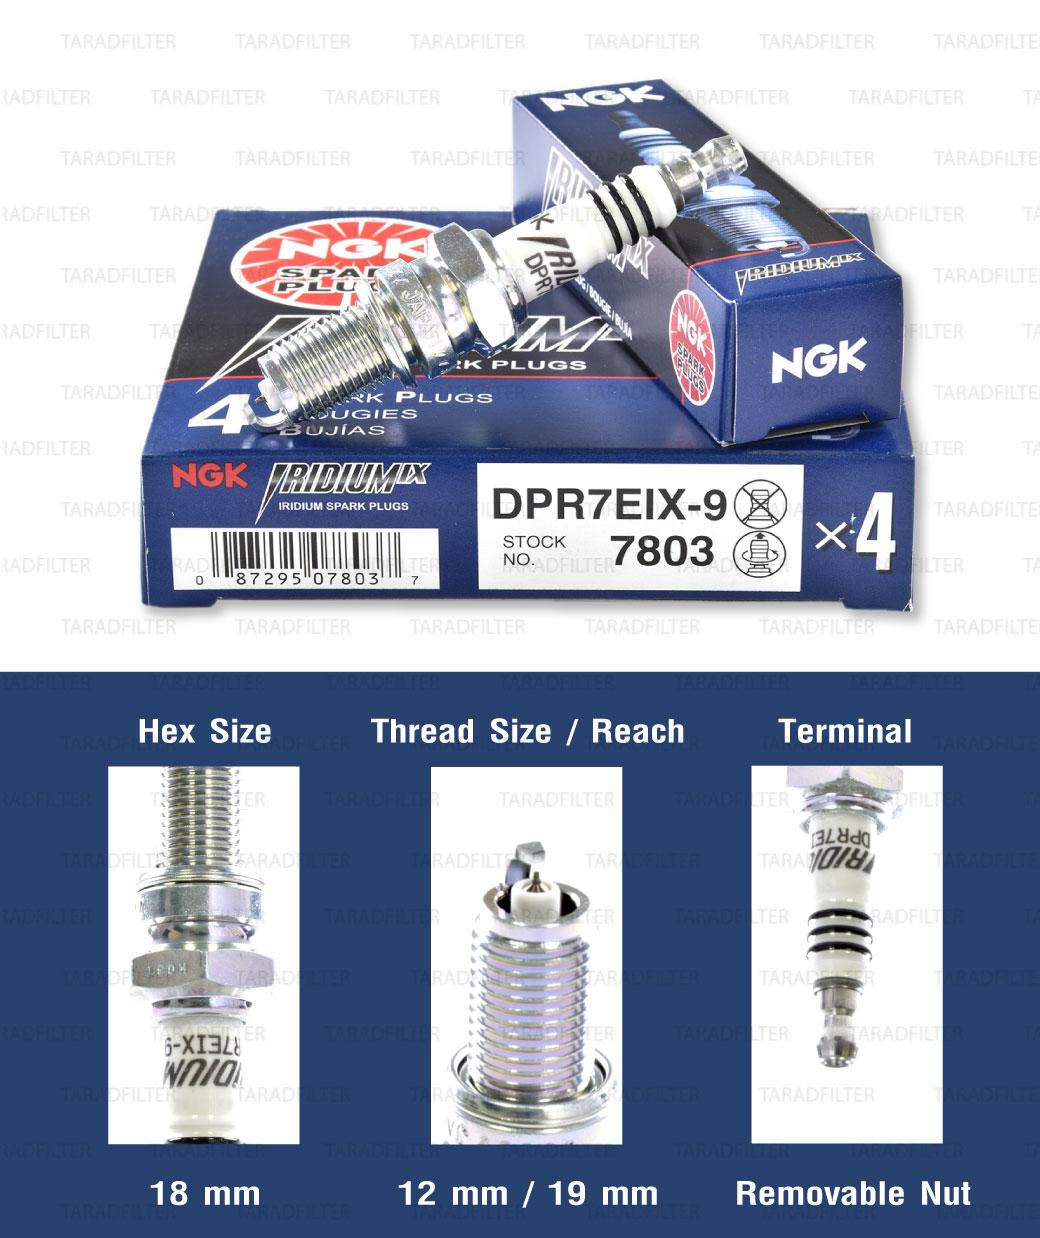 หัวเทียน NGK DPR7EIX-9 ขั้ว Iridium ใช้สำหรับ Honda CRF125, GL1500, Yamaha XVS650 Drag Star (1 หัว) - Made in Japan